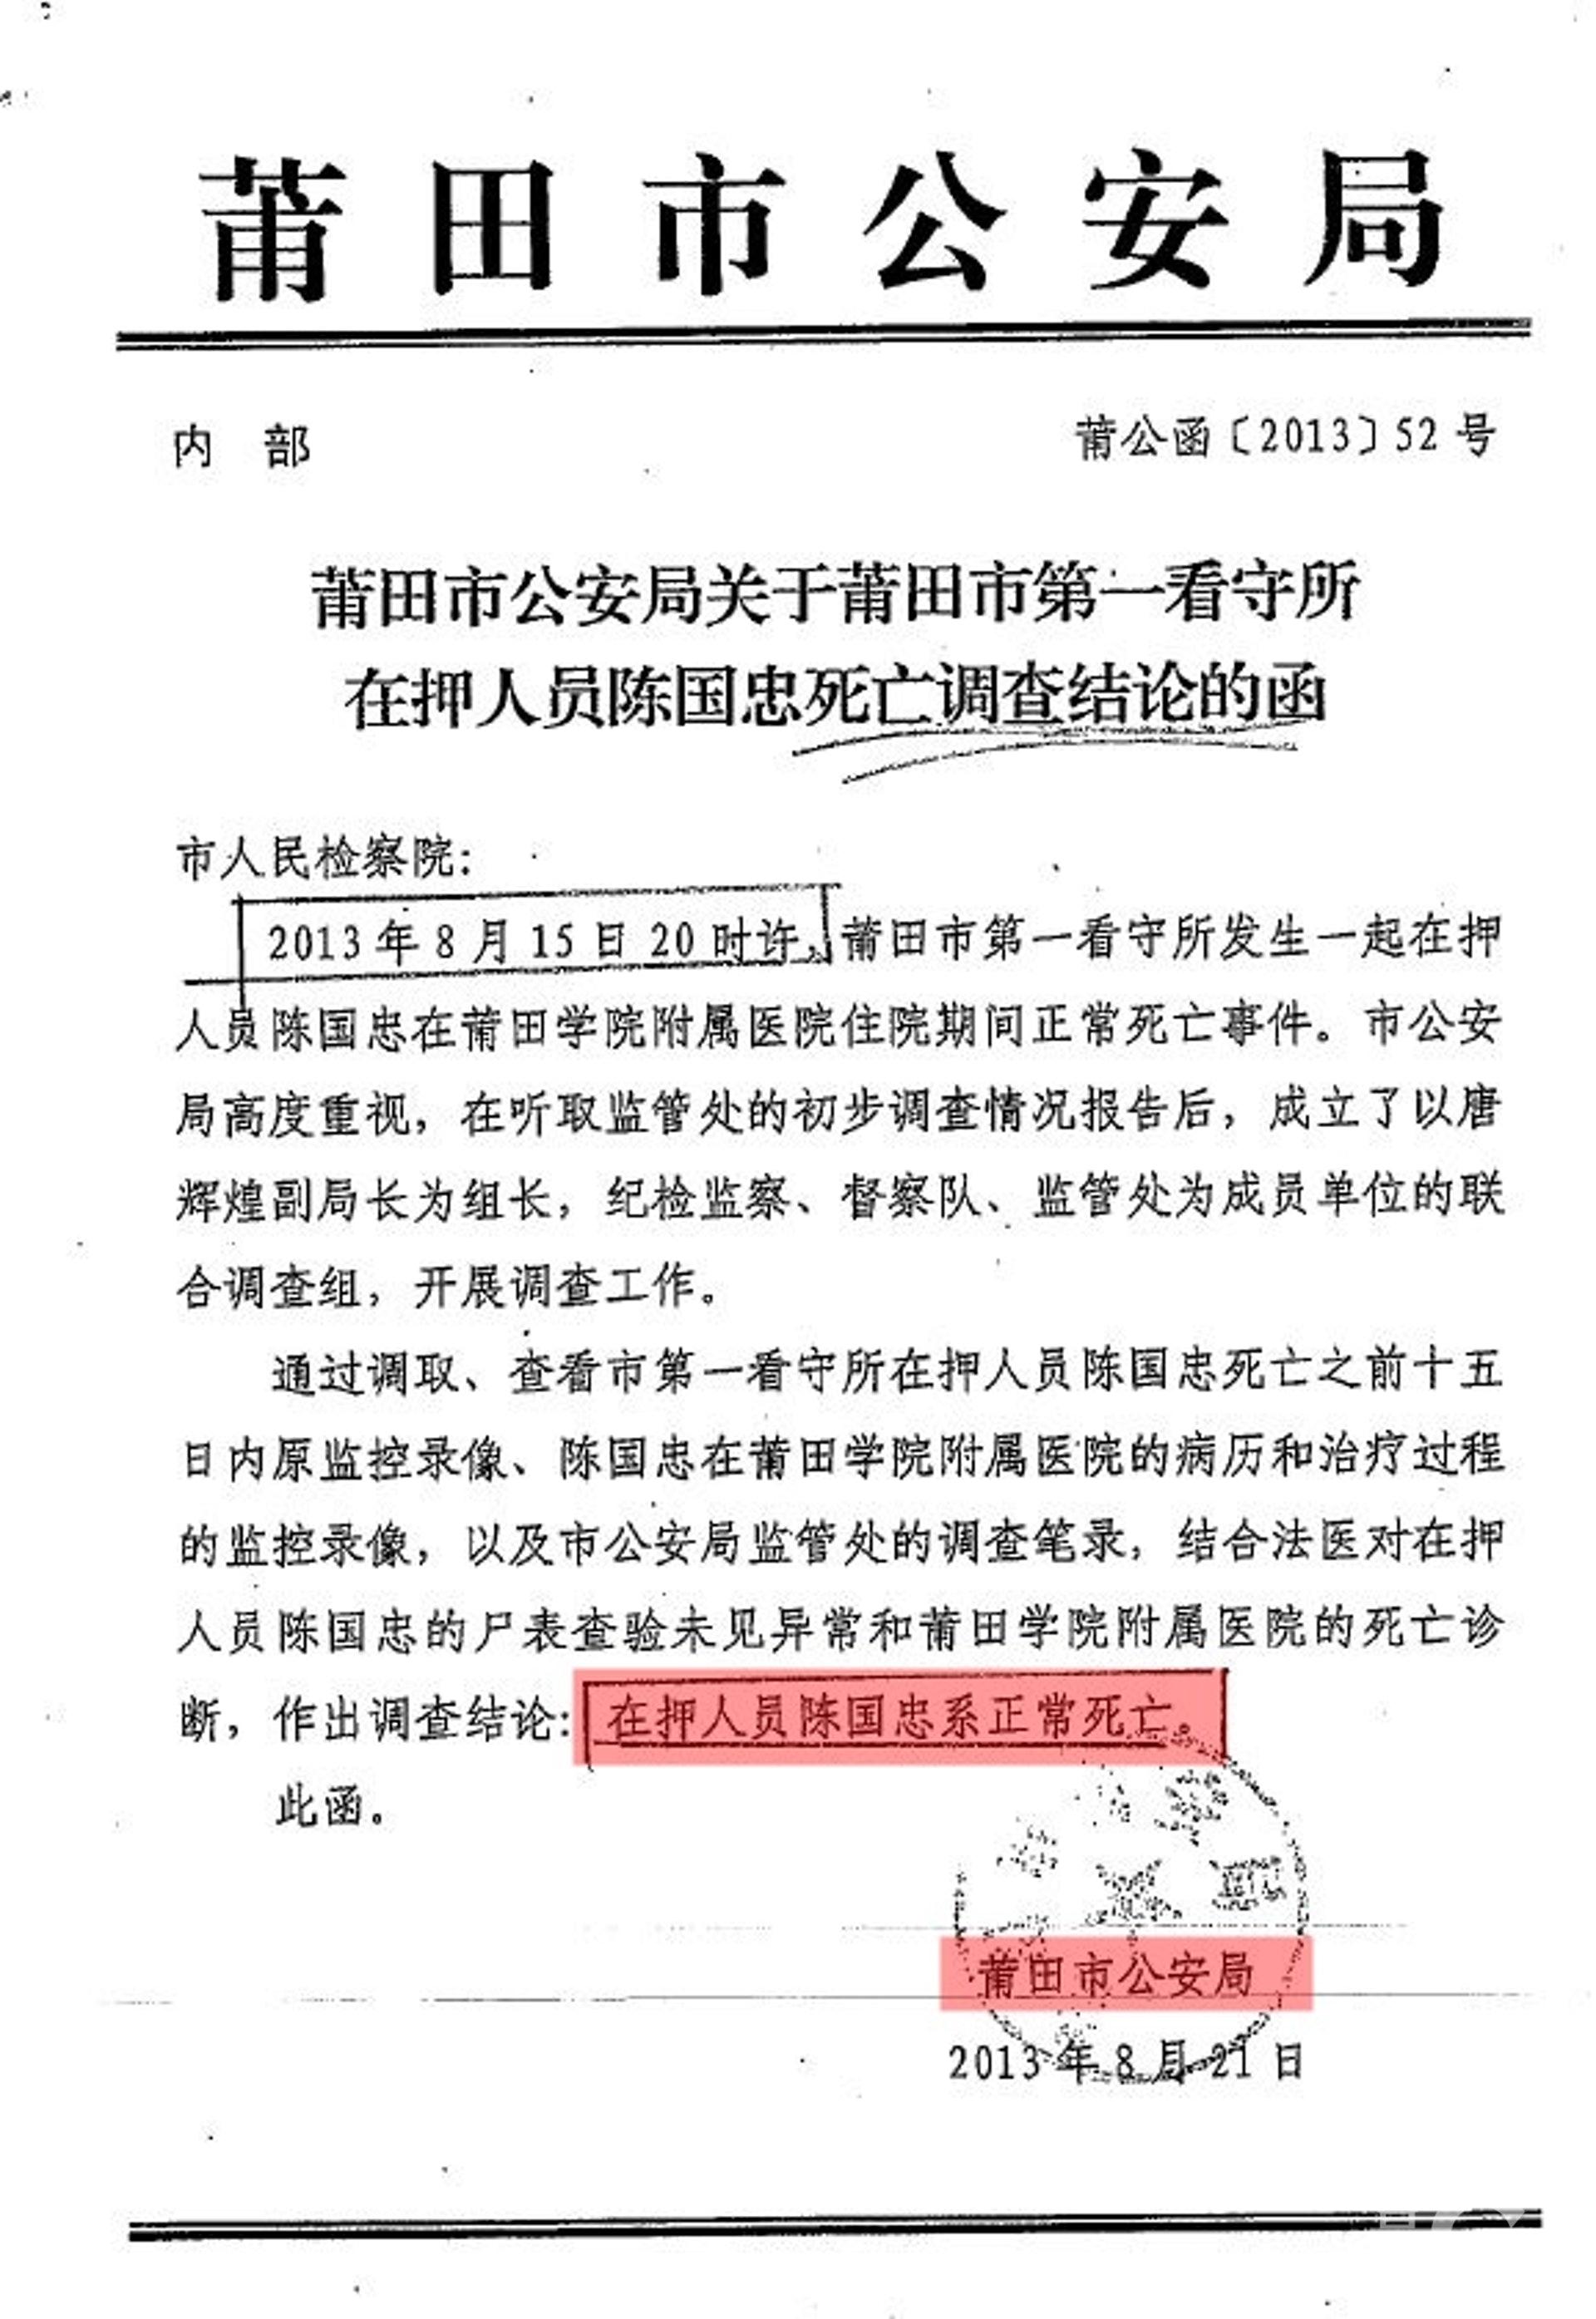 莆田市公安局稱經調查後,港商陳國忠是正常死亡。